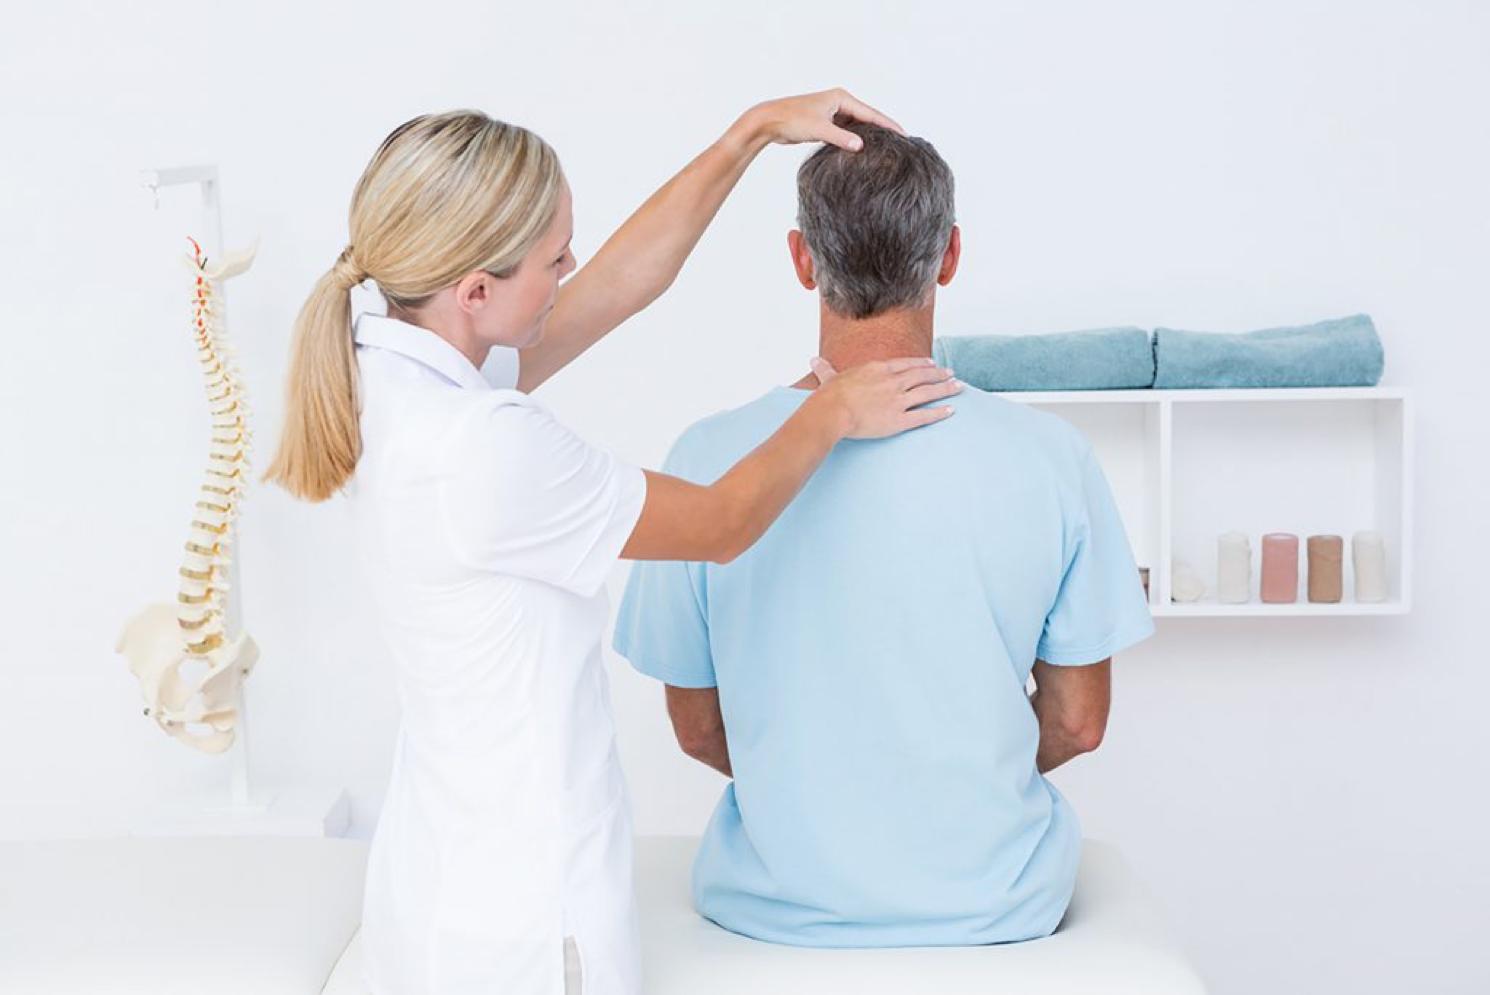 metodai gydant ligas sąnarių